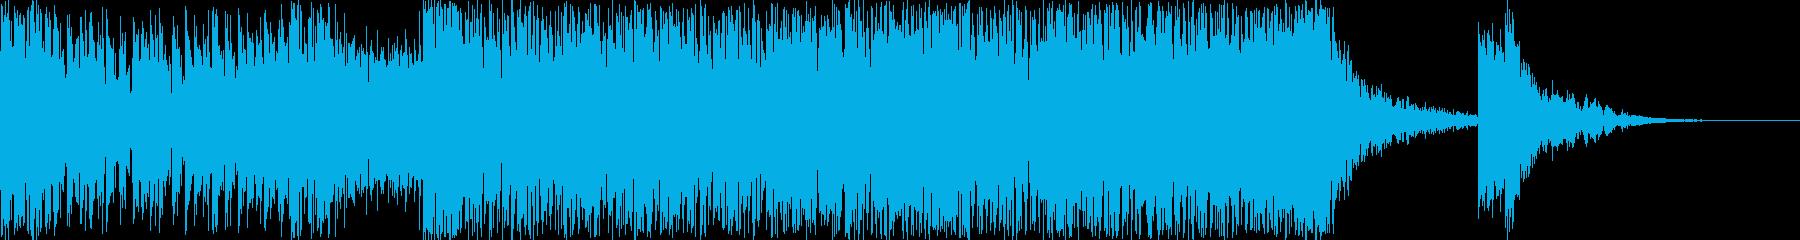 ハリウッド風トレイラー リズム主体02の再生済みの波形